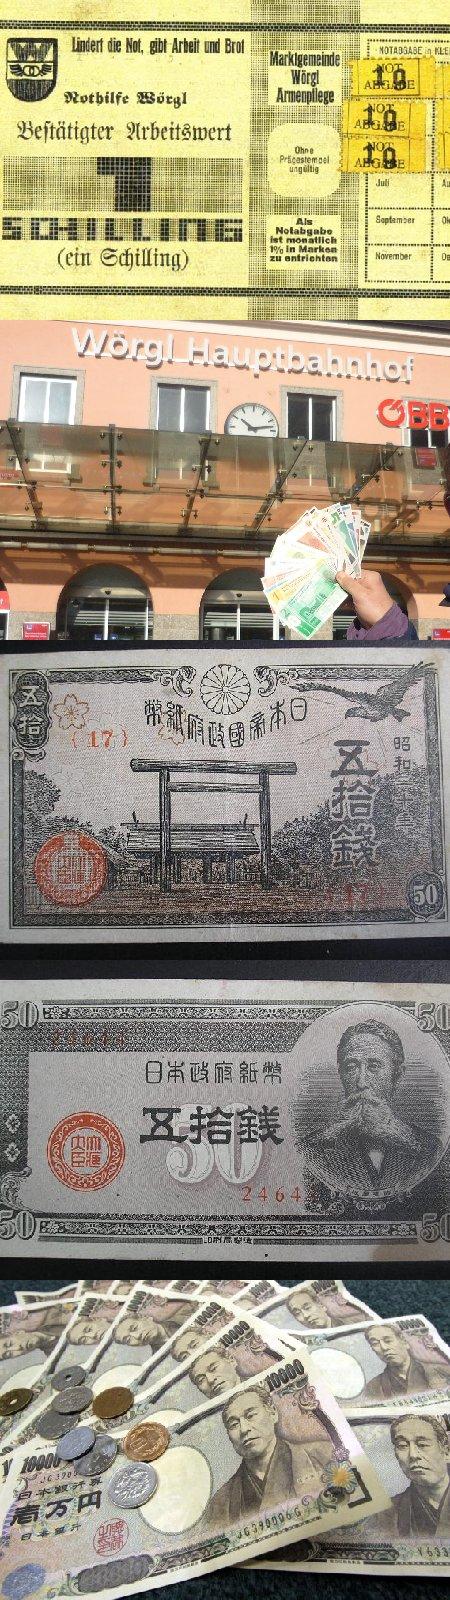 政府紙幣_z